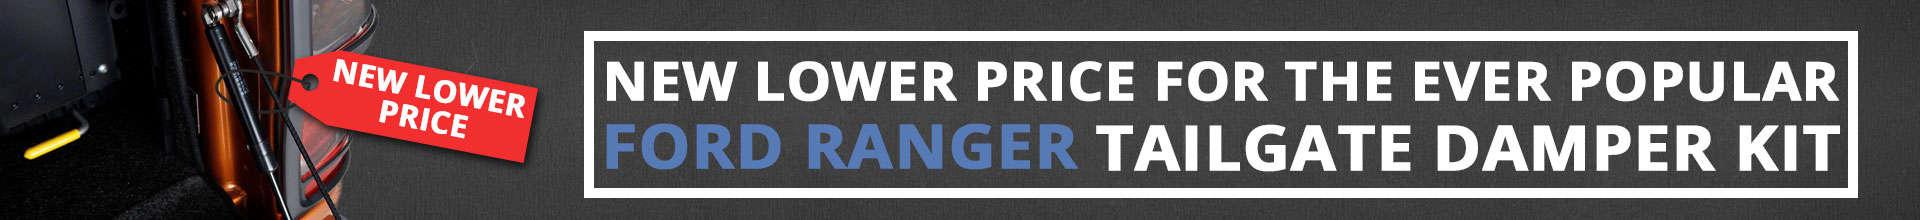 New Lower Price Ranger Tailgate Damper